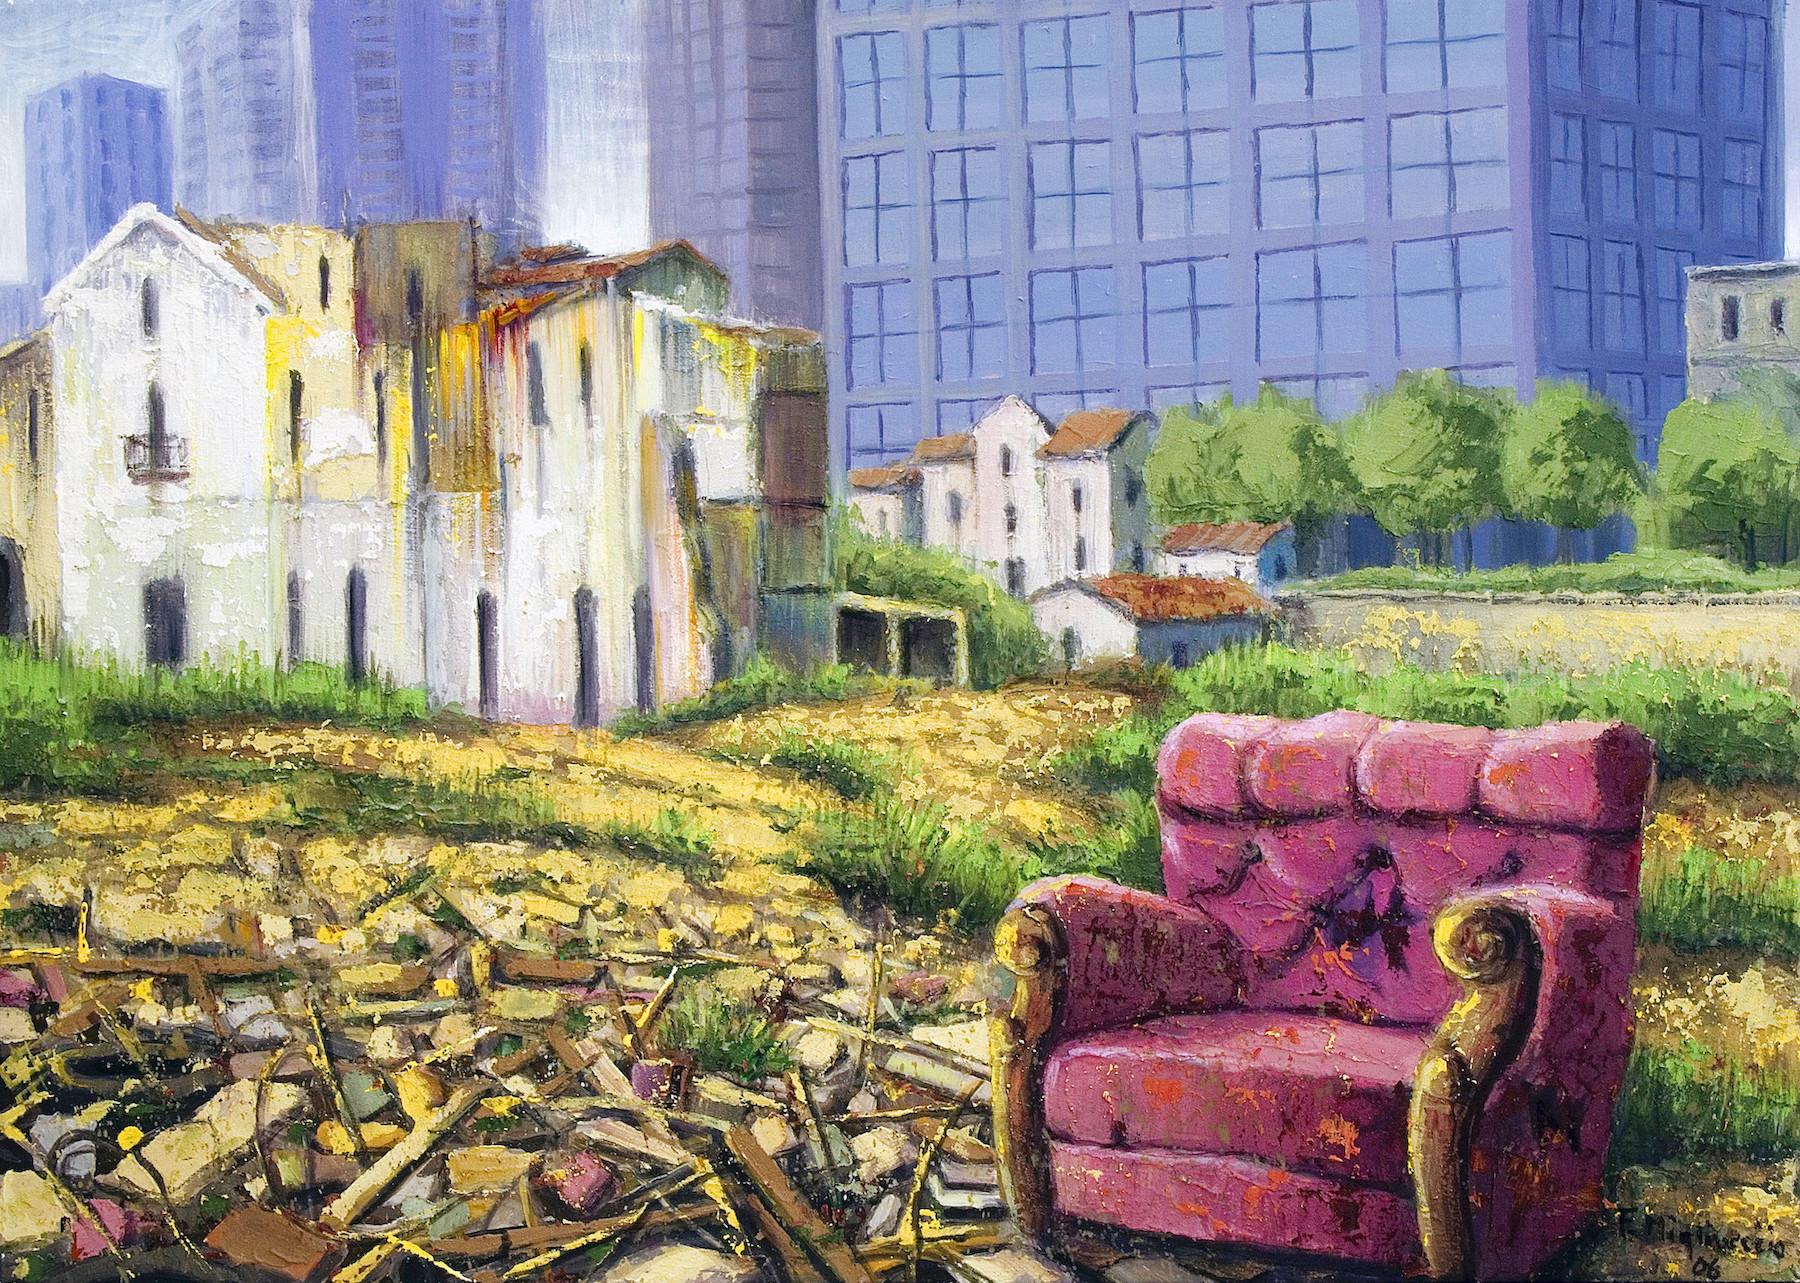 Franco Migliaccio Discarica Abusiva, 2006 Tecnica mista su tela 50x70